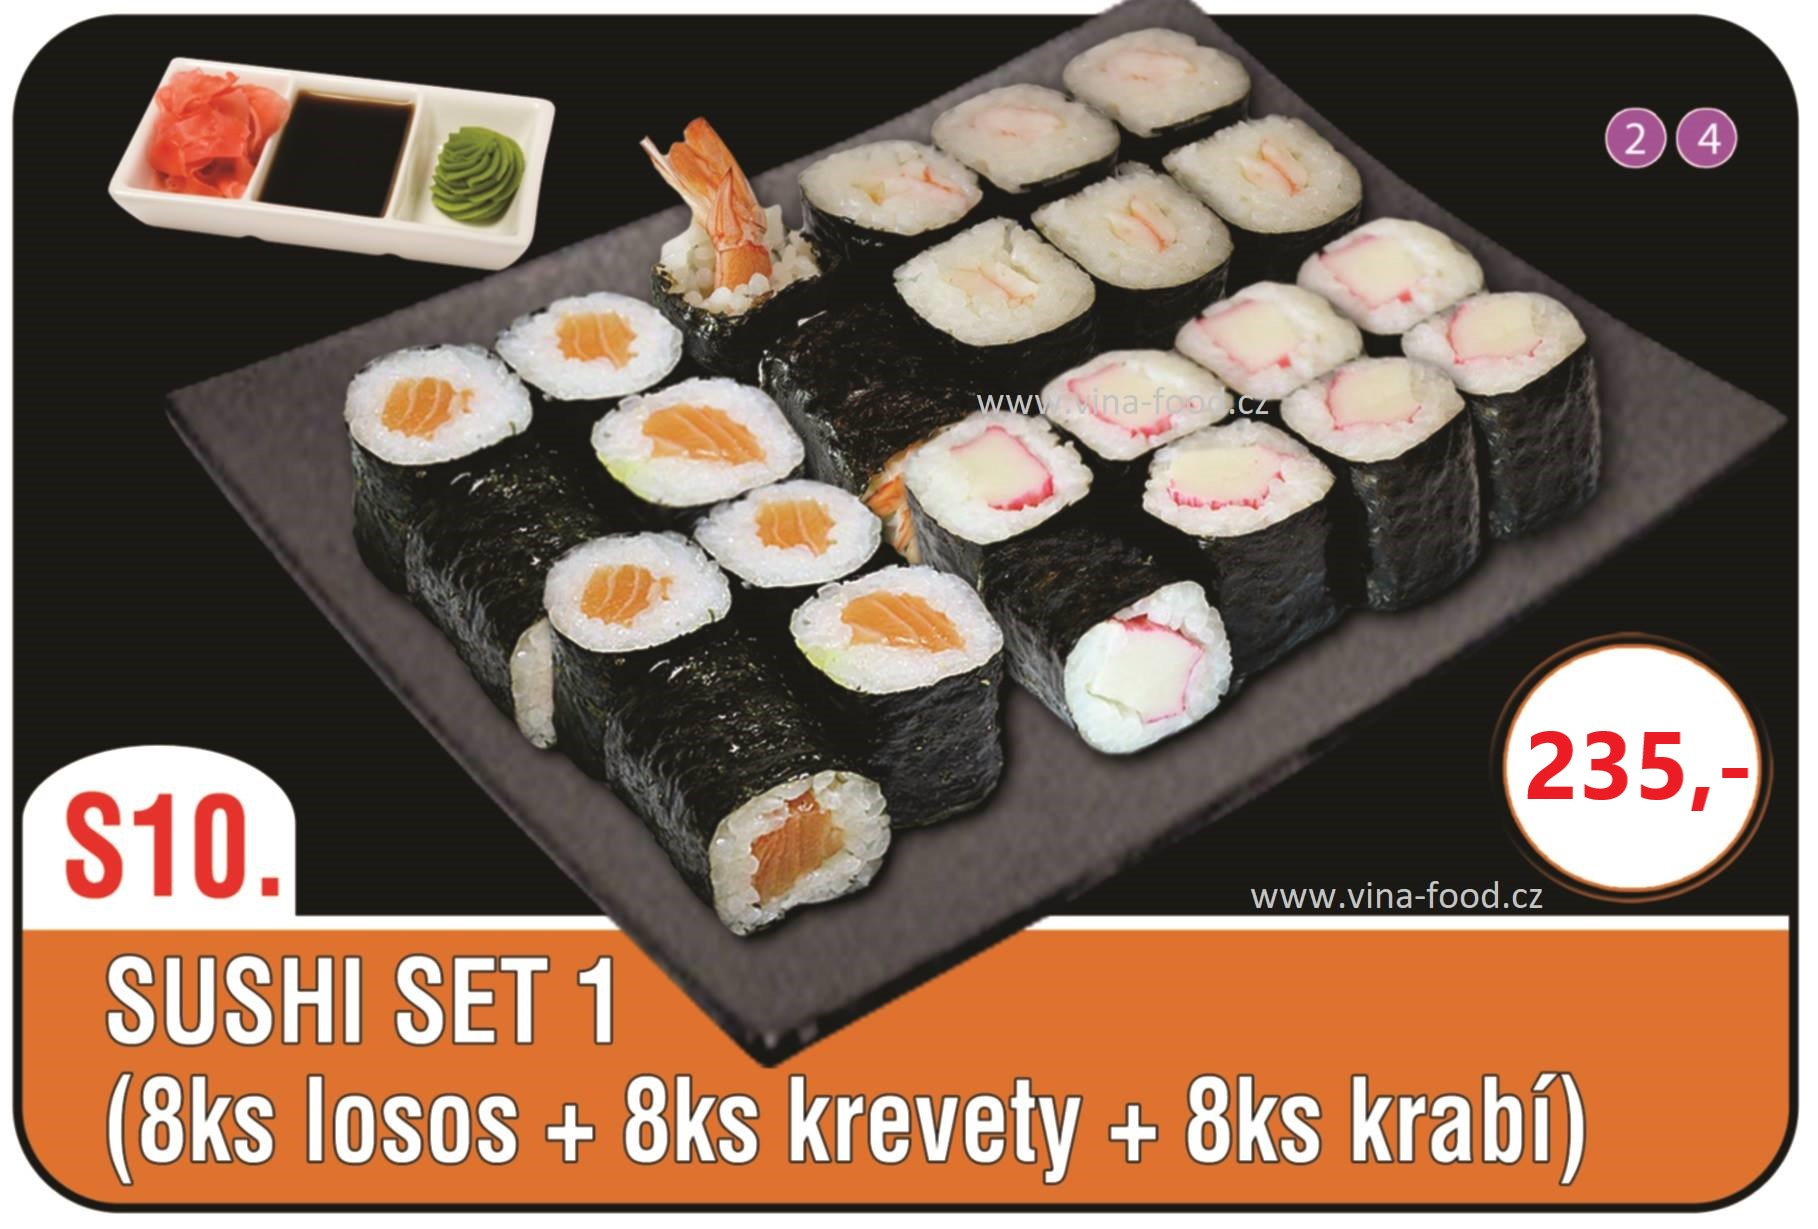 Sushi set 1 (8ks losos + 8ks krevety + 8ks krabí)